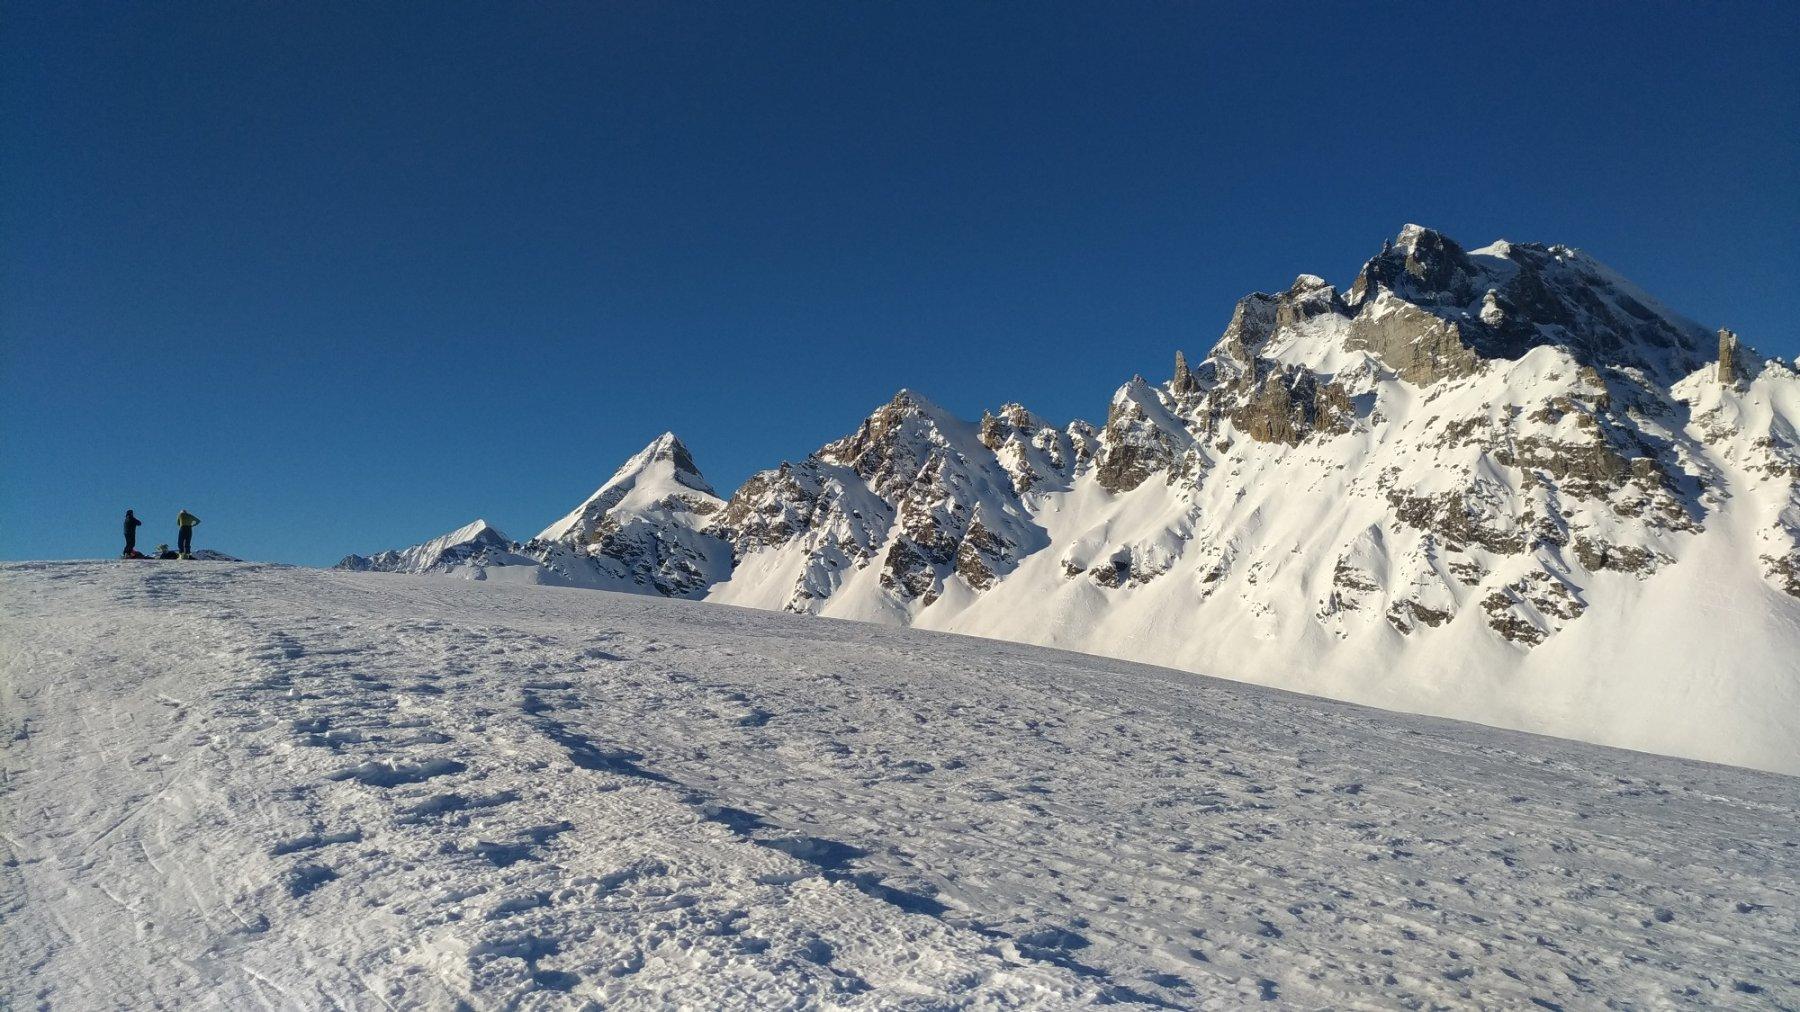 Cazzola 2330 m